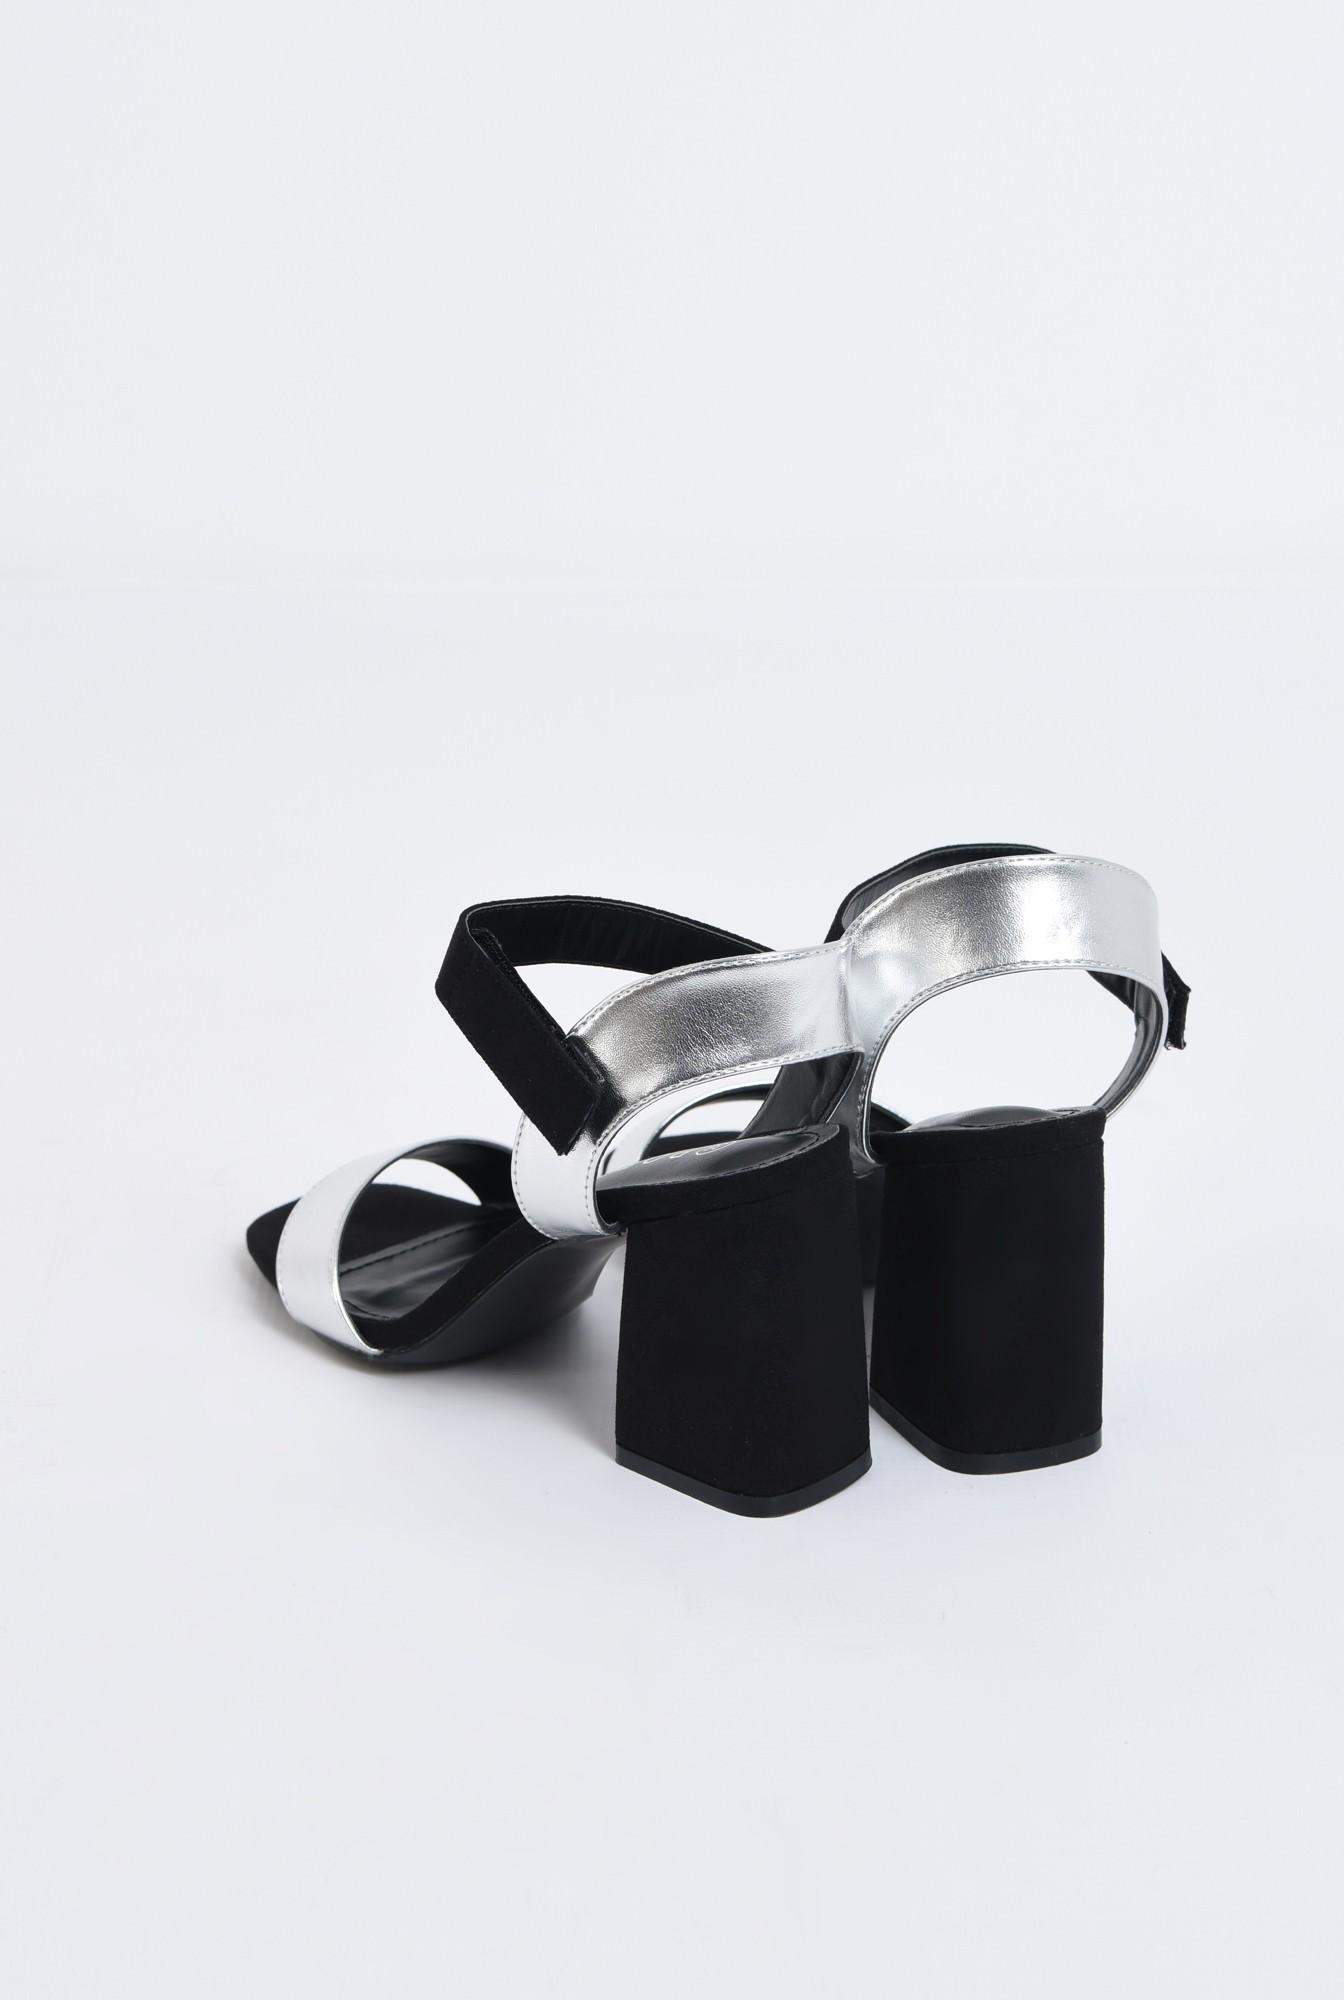 3 - sandale casual, bicolore, negru, argintiu, inchidere cu scai